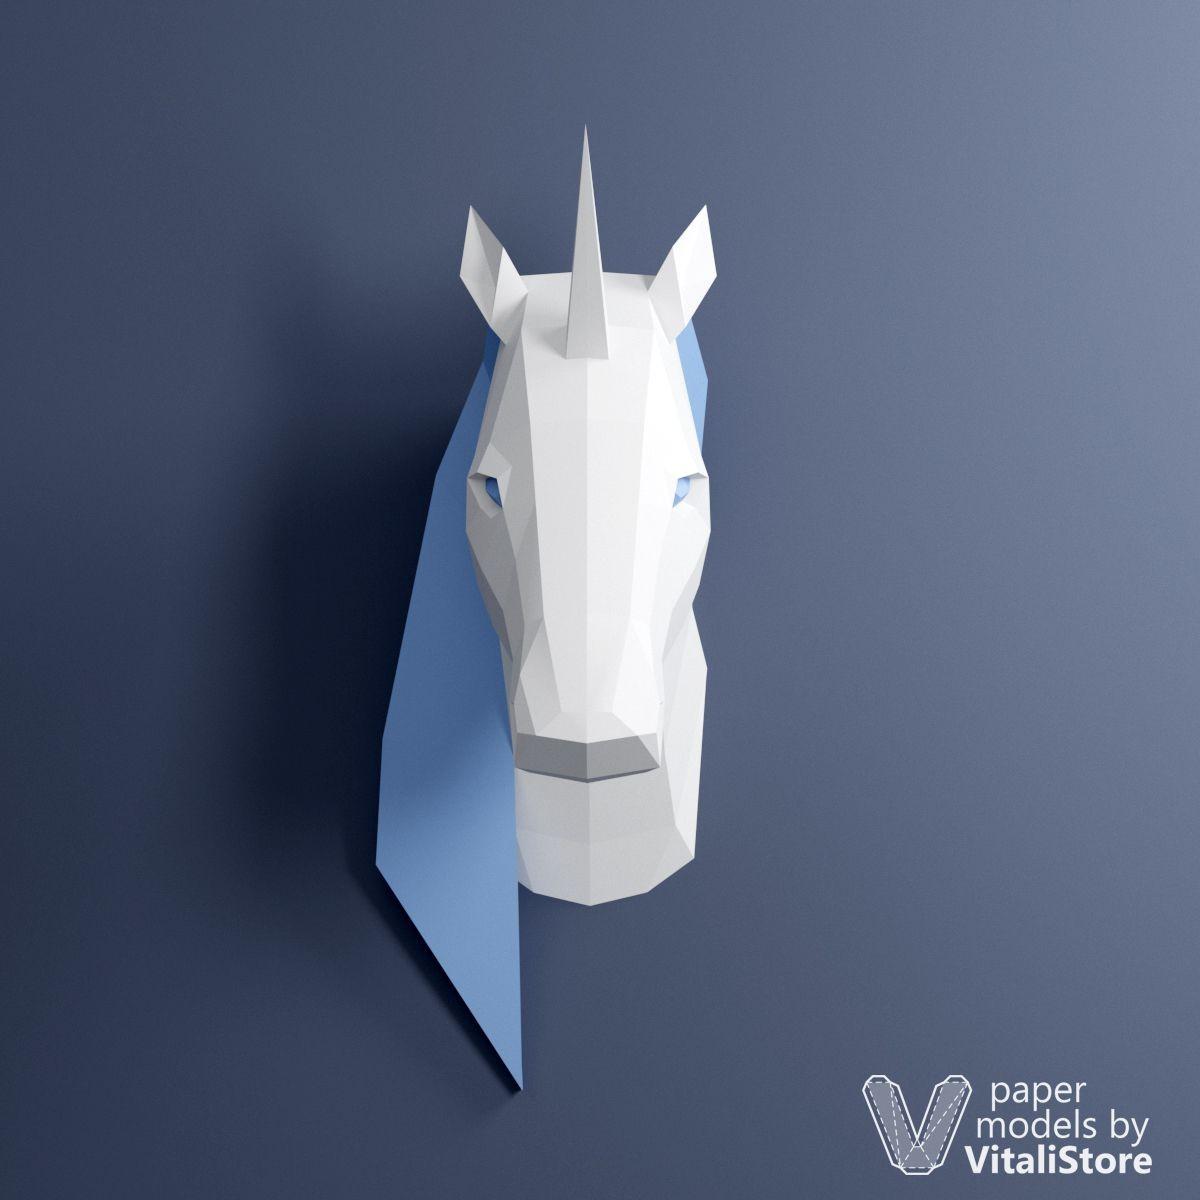 Papercraft Ideas Unicorn Papercraft 3d Paper Sculpture Wall Decor